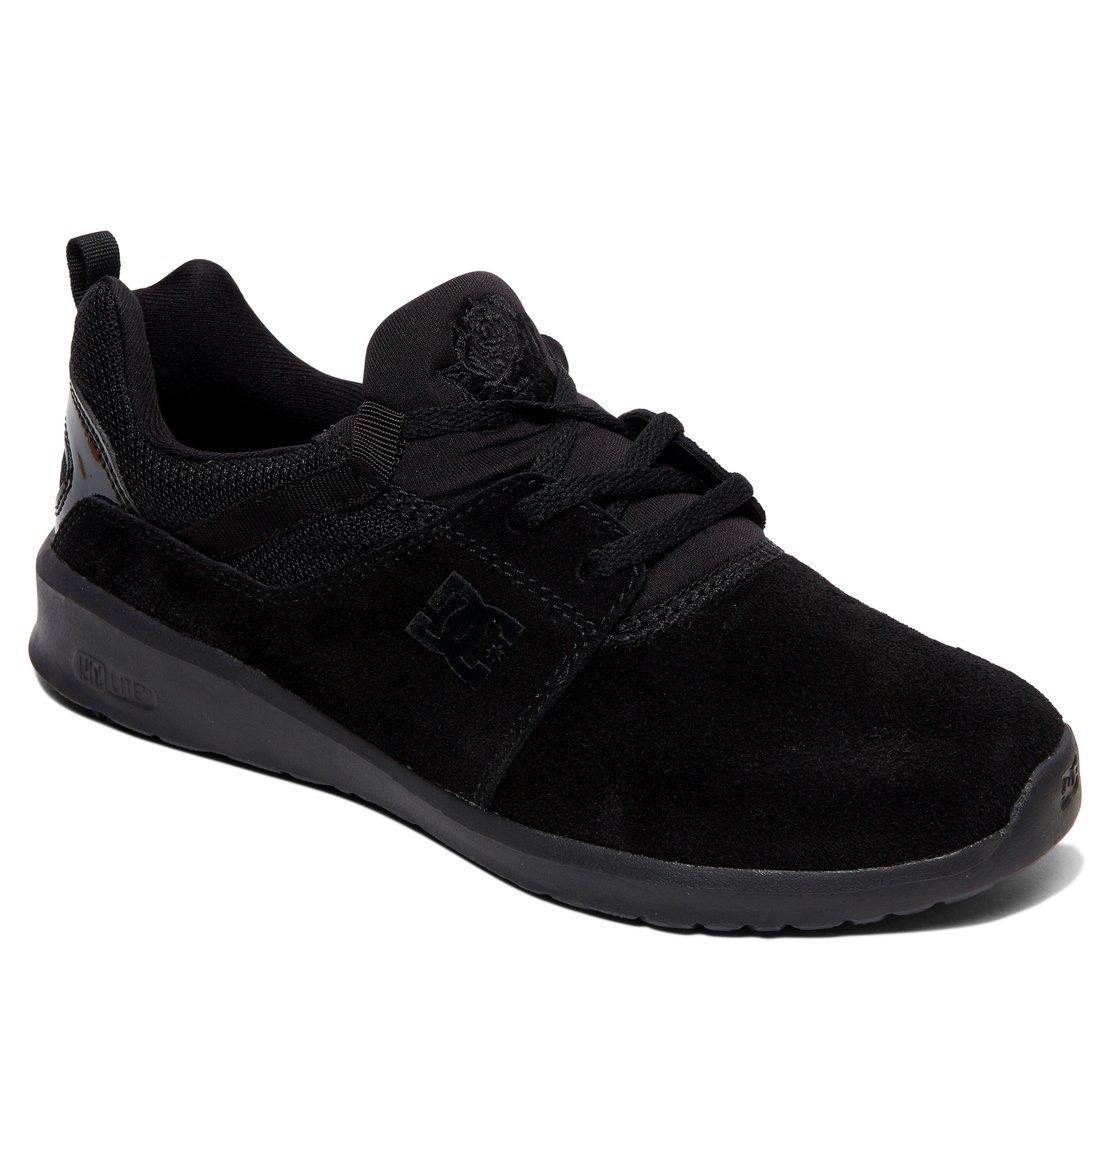 DC Shoes Schoenen »Heathrow SE« online kopen op otto.nl